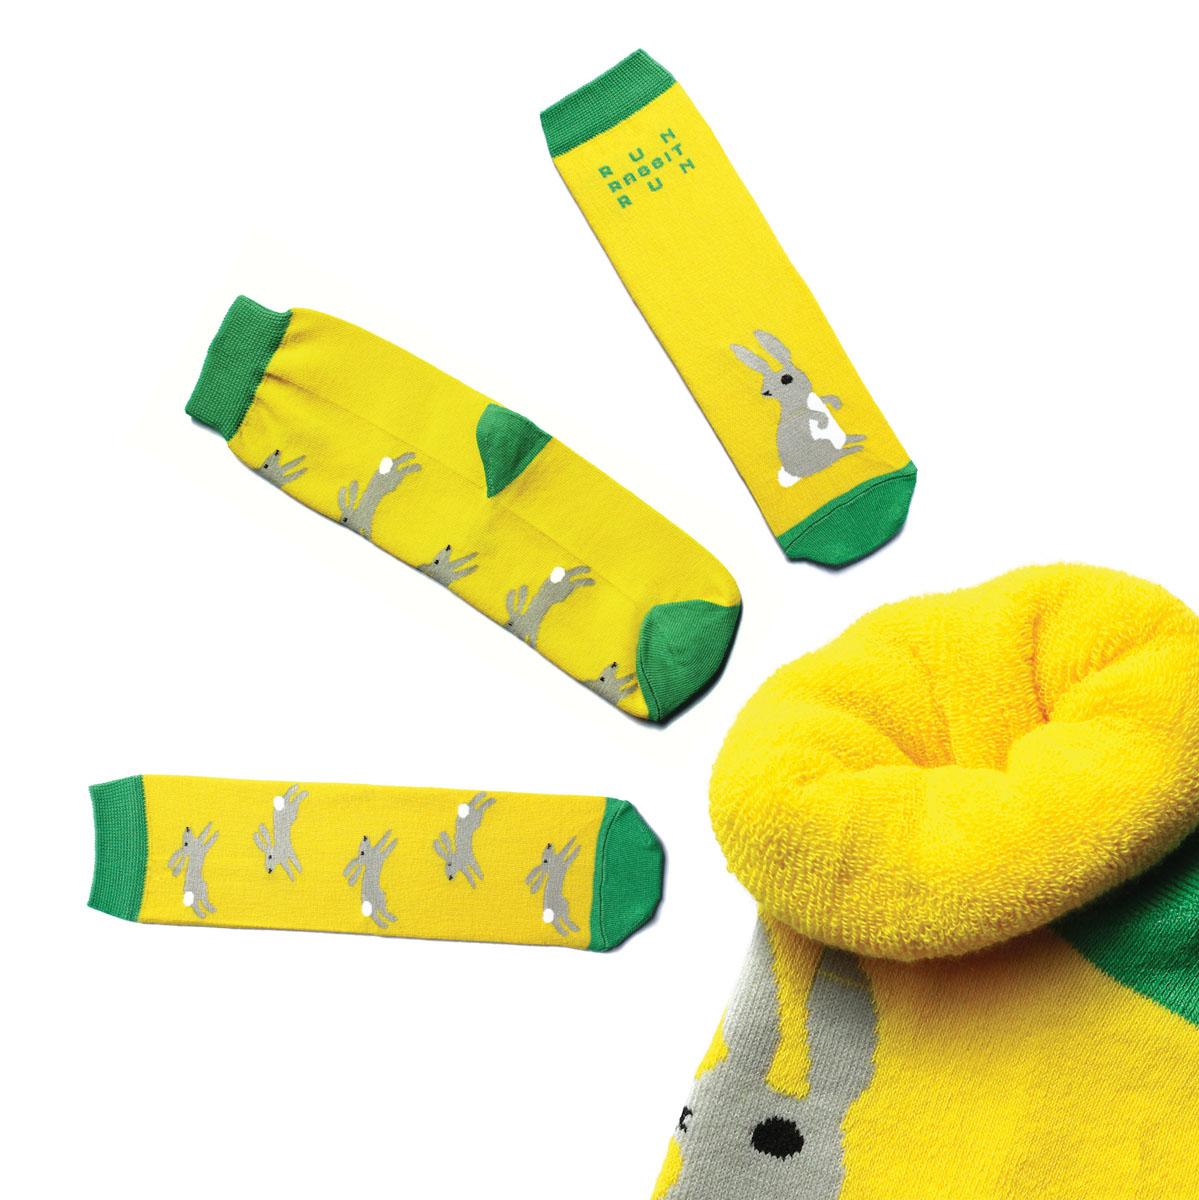 Носки мужские Big Bang Socks, цвет: желтый. n233. Размер 40-44n233Яркие носки Big Bang Socks изготовлены из высококачественного хлопка с добавлением полиамида и эластана, которые обеспечивают отличную посадку. Модель с удлиненным паголенком оформлена оригинальным принтом с изображением зайцев. Широкая резинка плотно облегает ногу и обеспечивает комфорт, не сдавливая ее. Внутренняя ворсистая поверхность обеспечит комфорт и тепло.